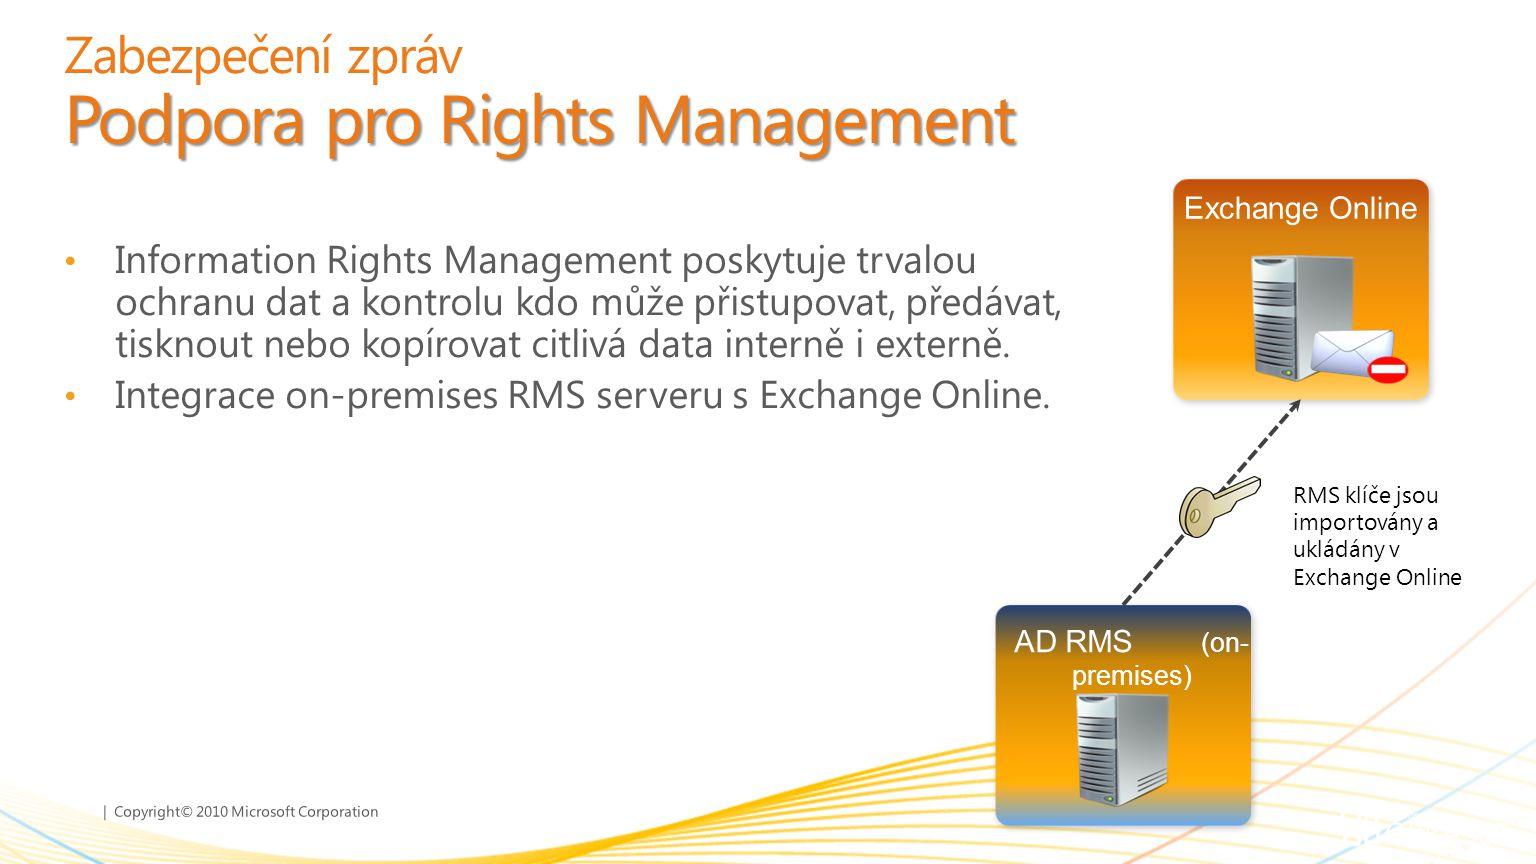 | Copyright© 2010 Microsoft Corporation Podpora pro Rights Management Zabezpečení zpráv Podpora pro Rights Management Information Rights Management po